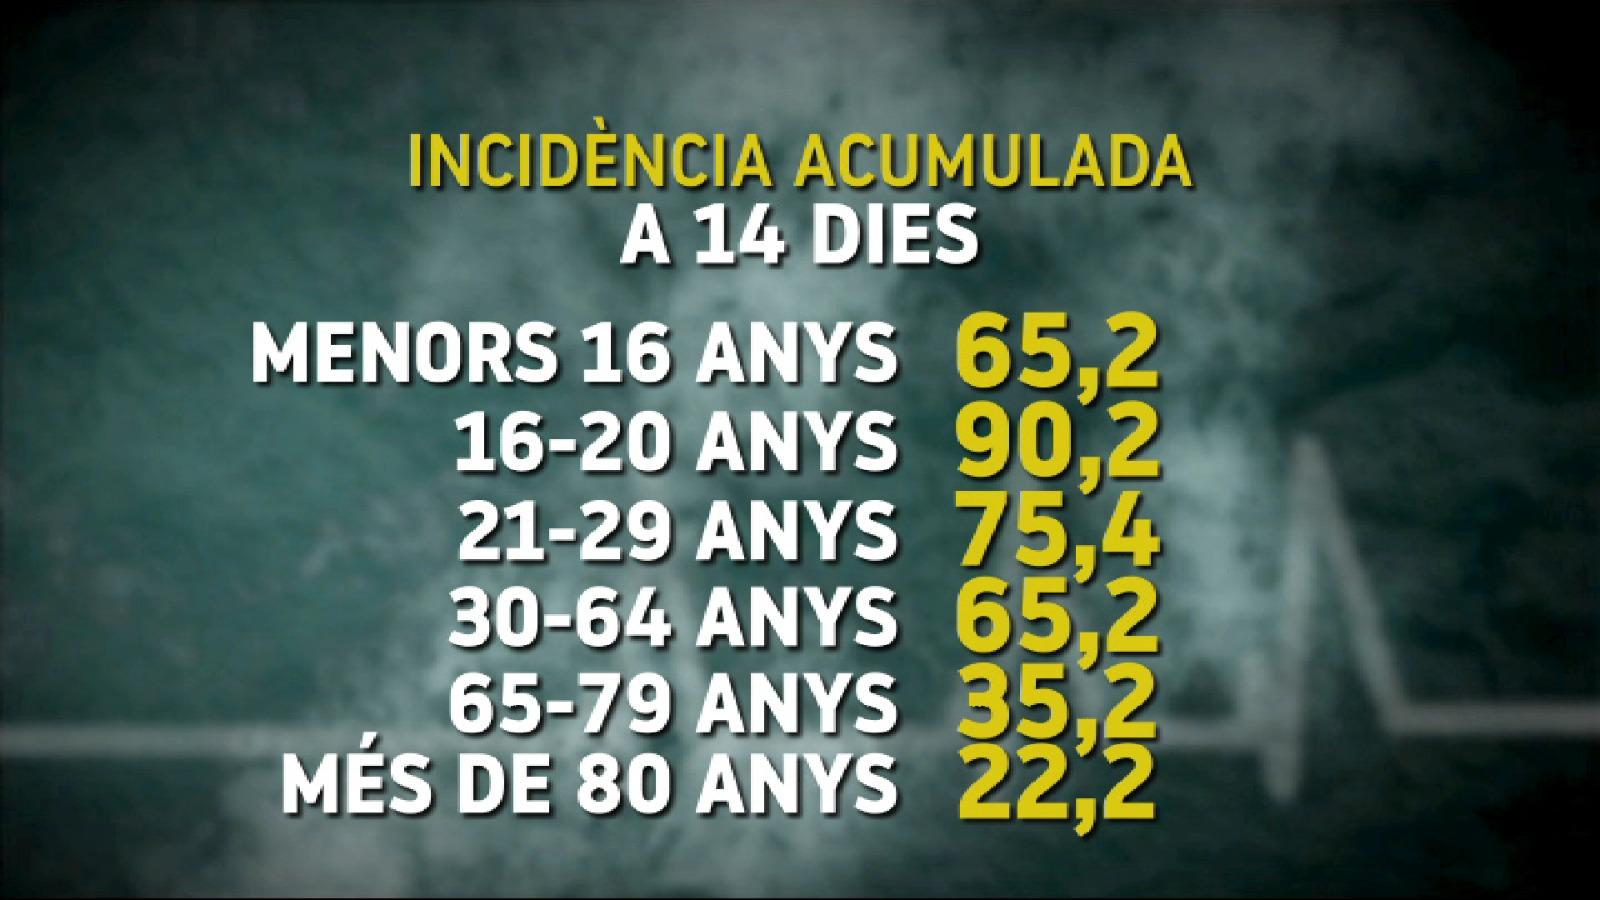 Repunt+en+la+pressi%C3%B3+hospital%C3%A0ria+i+canvi+en+els+ingressos%3A+%E2%80%9CCada+vegada+hi+ha+m%C3%A9s+joves+a+les+UCIS%E2%80%9D